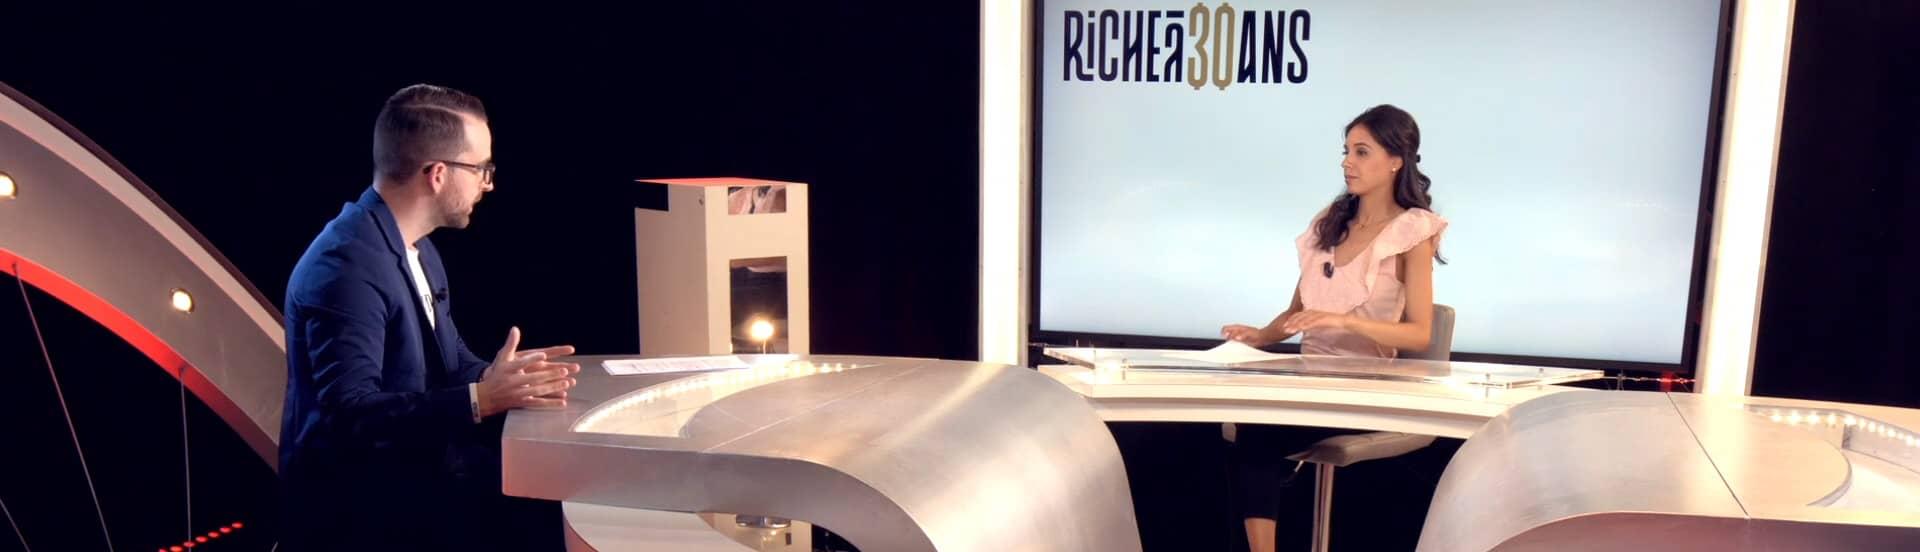 Riche à 30 ans - François Denis - Interview chez Forbes - juin 2019